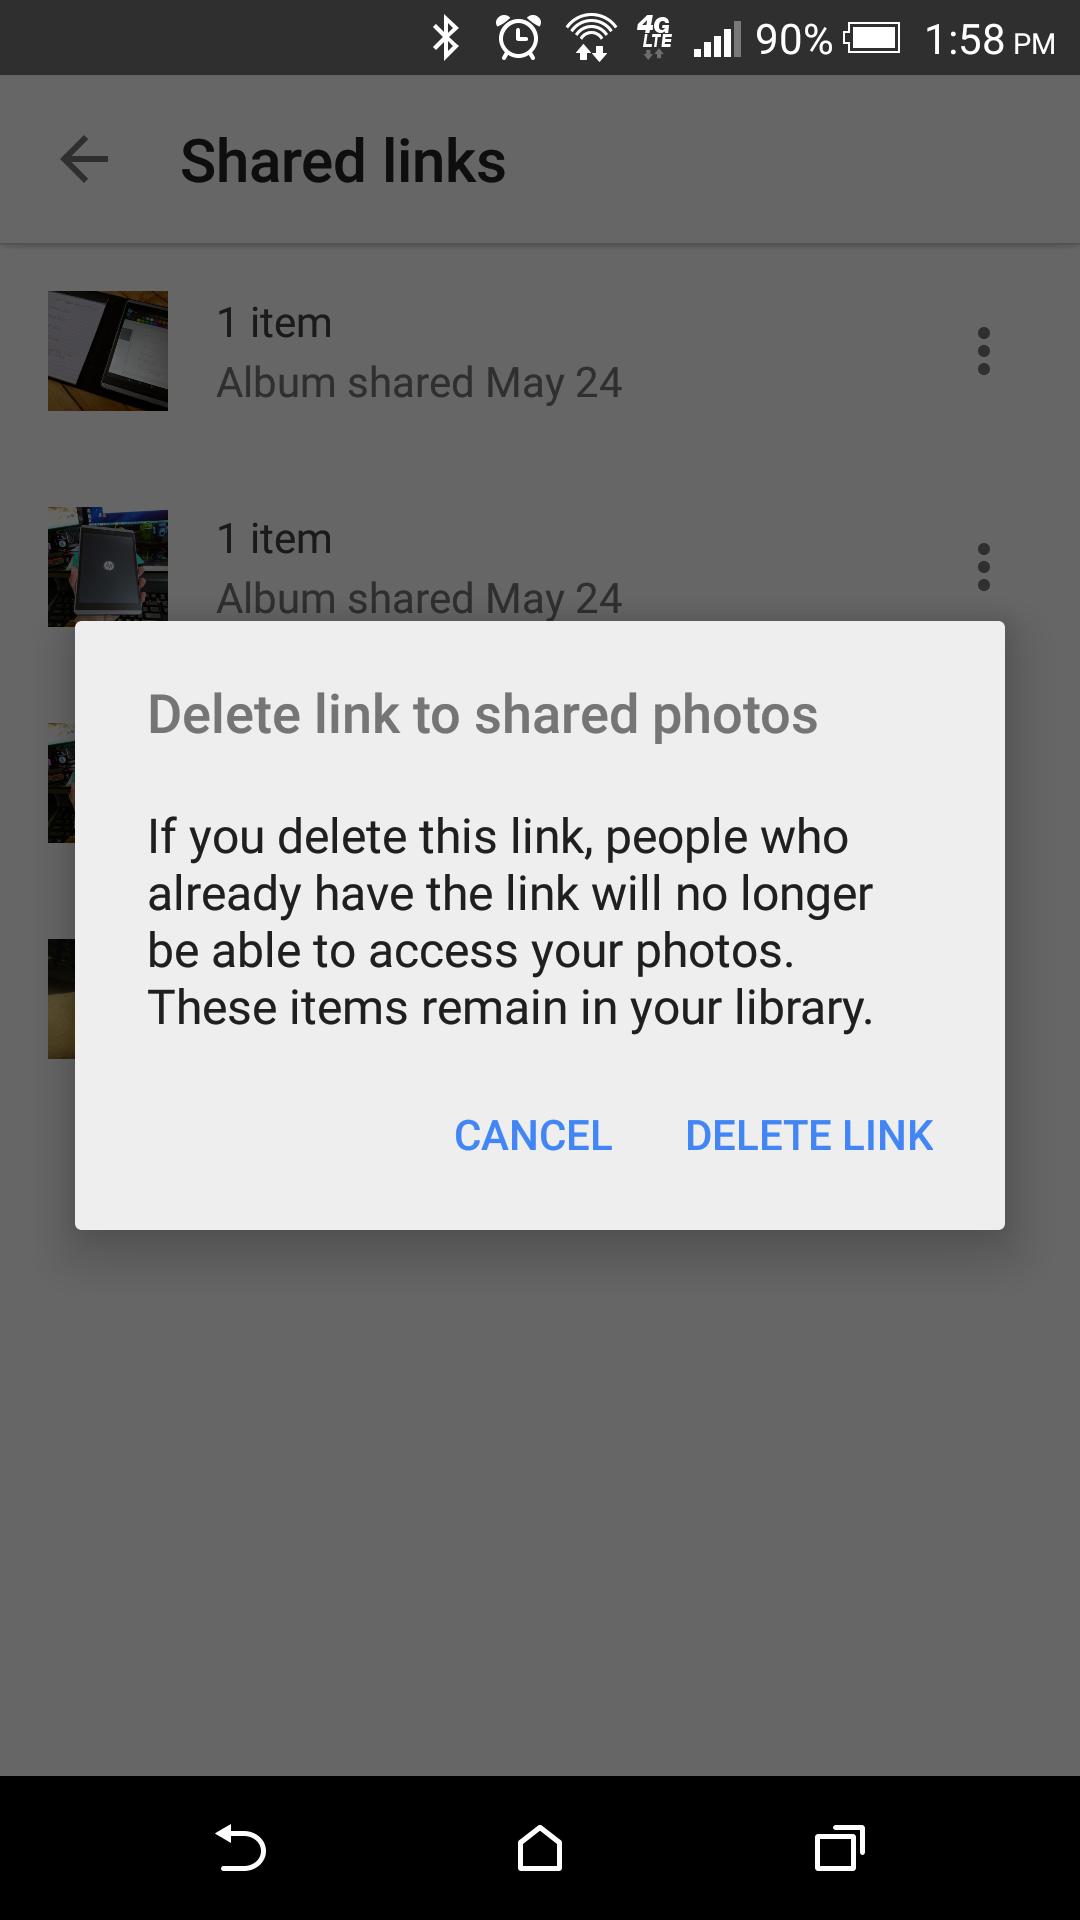 تطبيق الصور القادم من قوقل سيتيح مشاركة الصور والفيديو مع ضبط الخصوصية